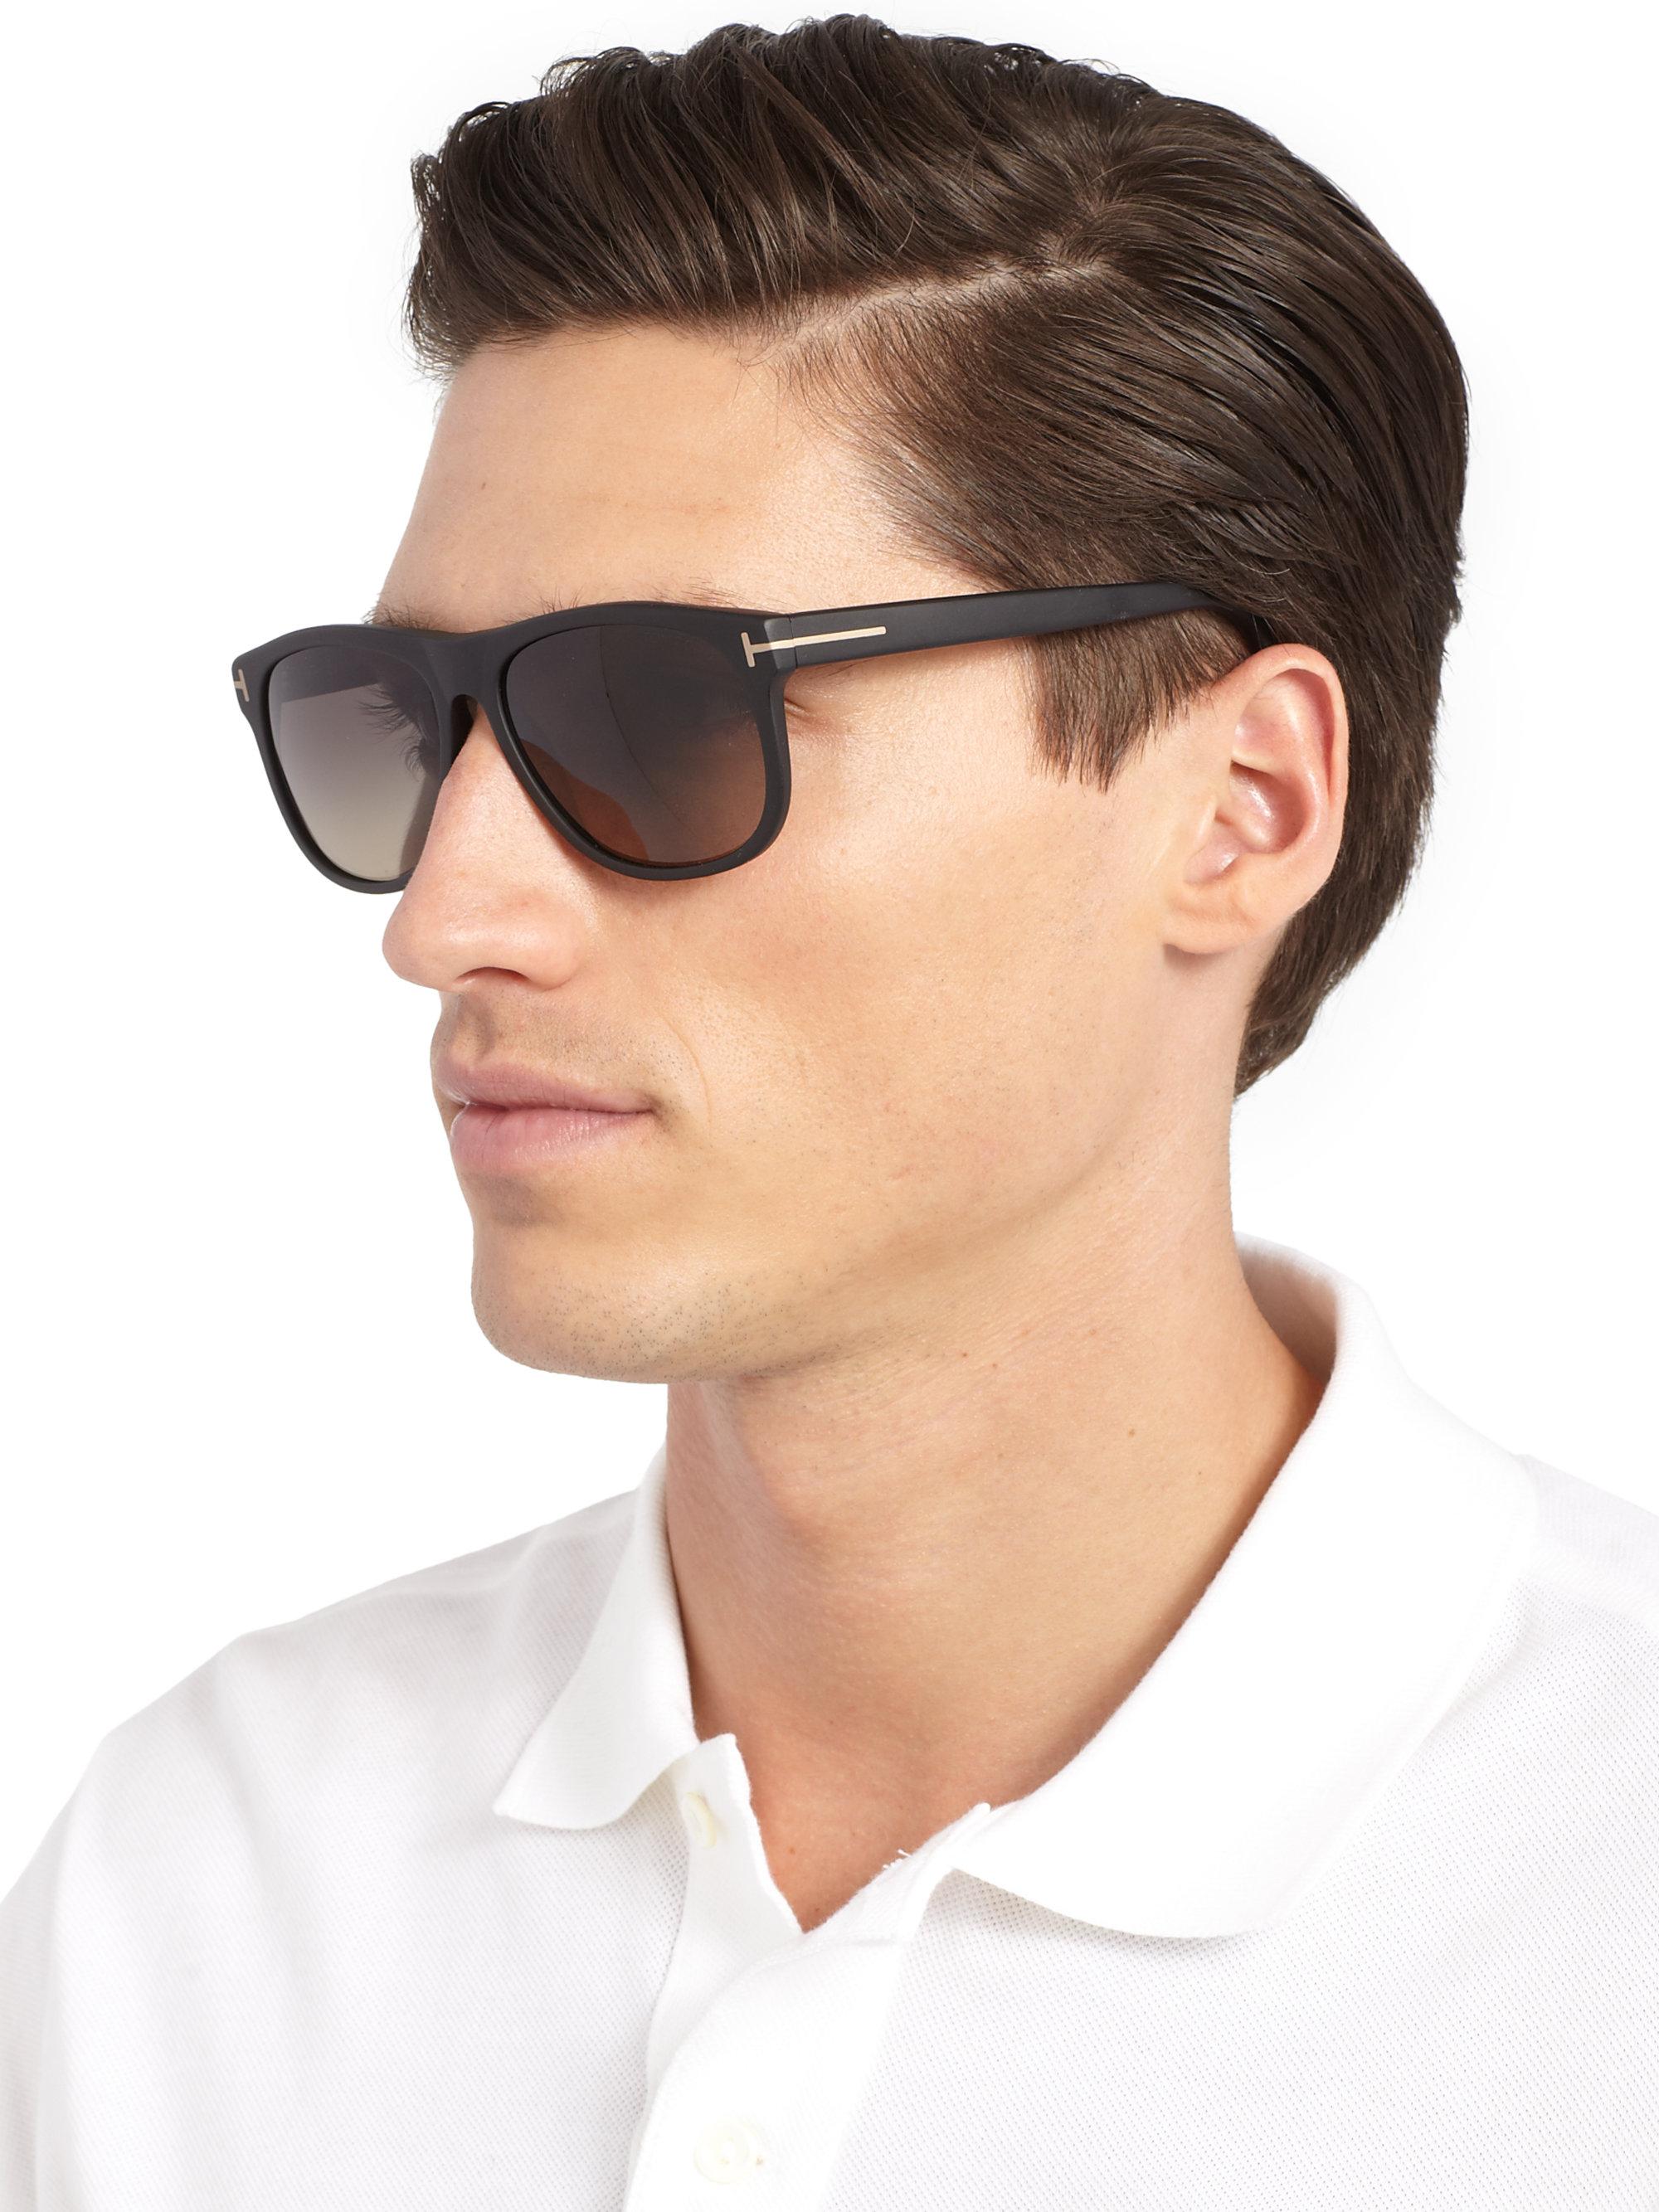 lyst tom ford olivier acetate sunglasses in black for men. Black Bedroom Furniture Sets. Home Design Ideas